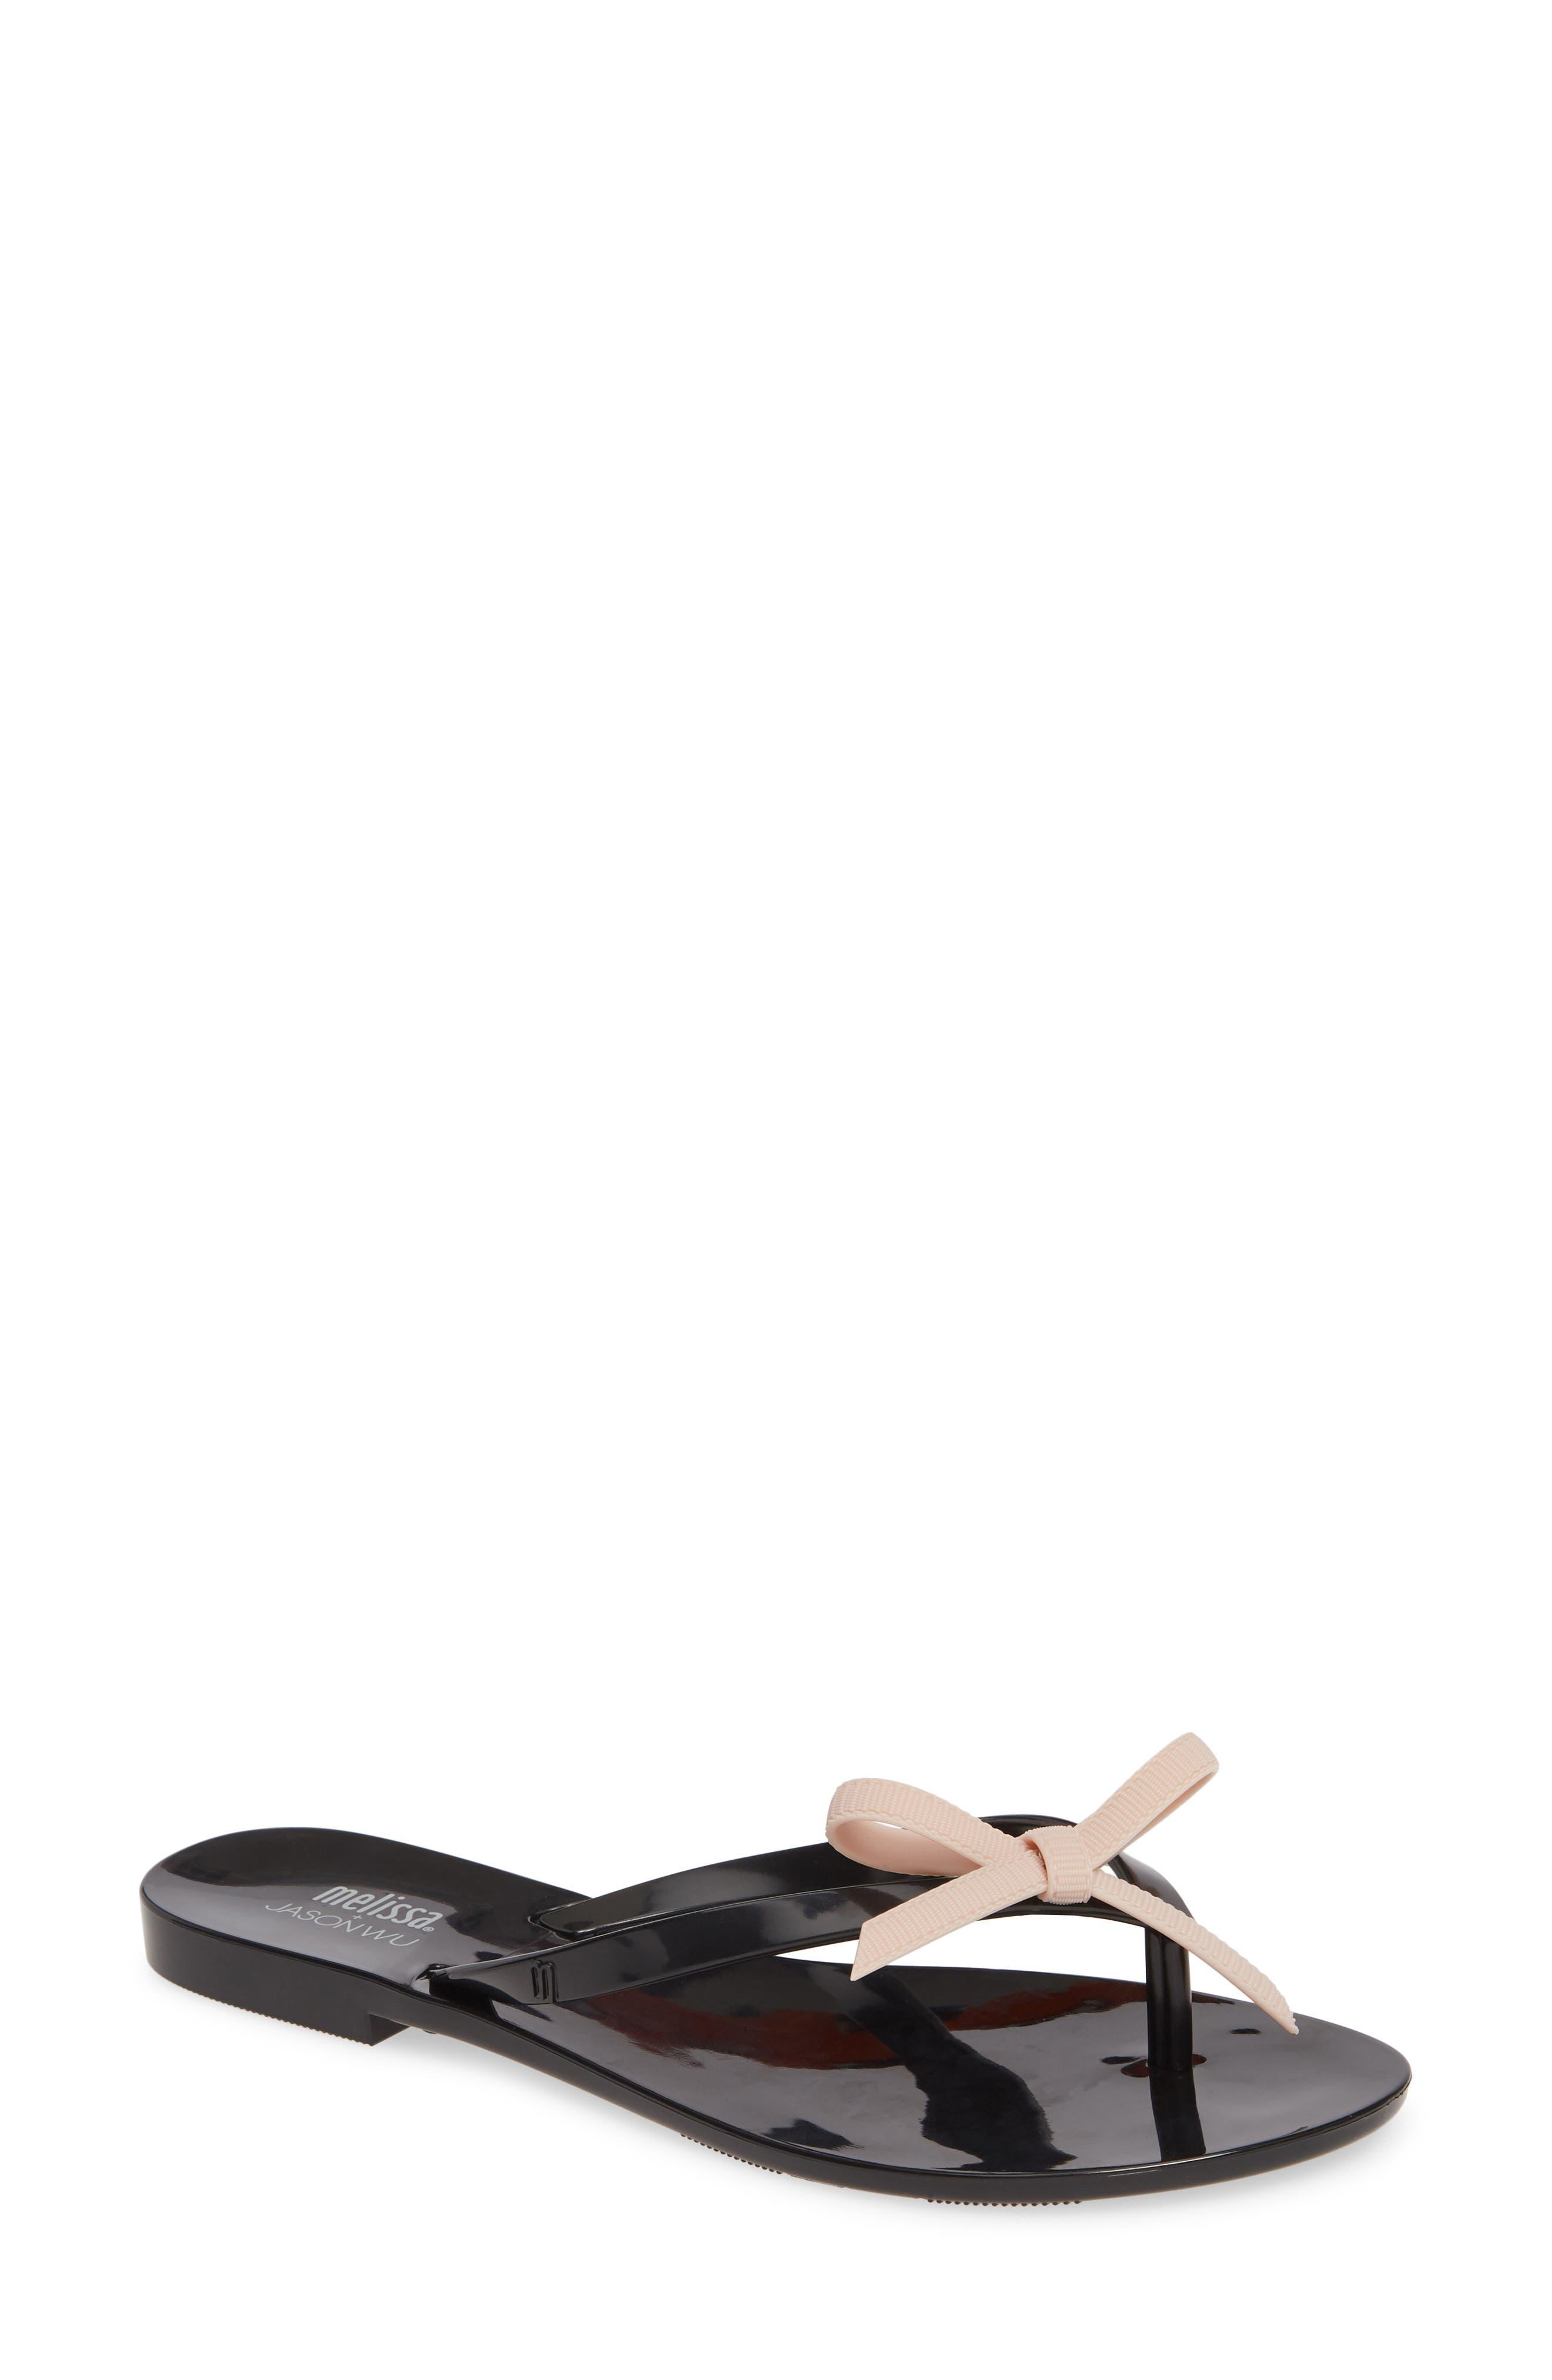 e1becaabd90fb6 Melissa Shoes for Women